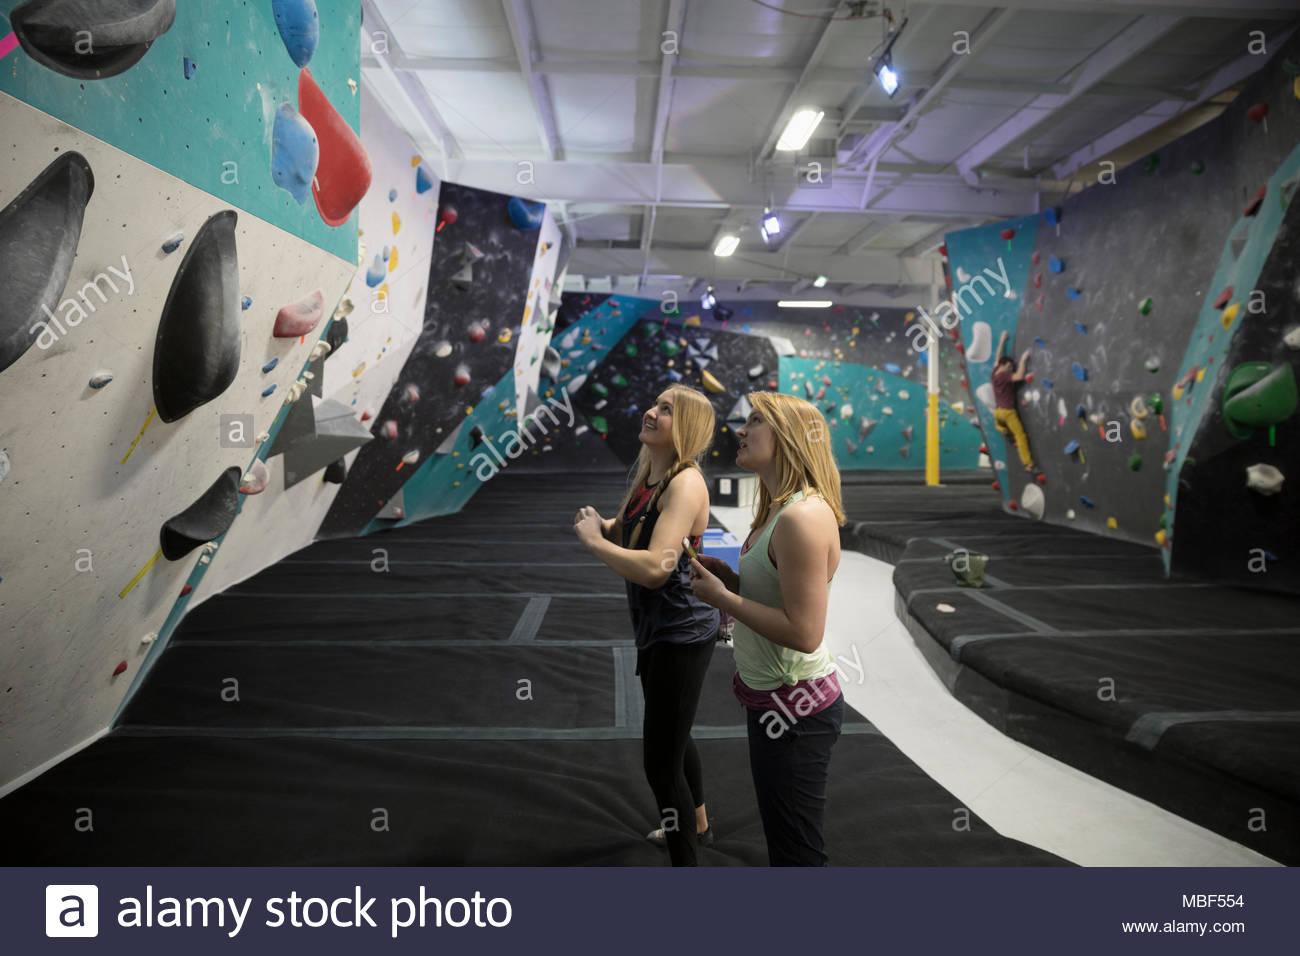 Femmina di arrampicatori cercando fino alla parete di arrampicata in palestra di arrampicata Immagini Stock